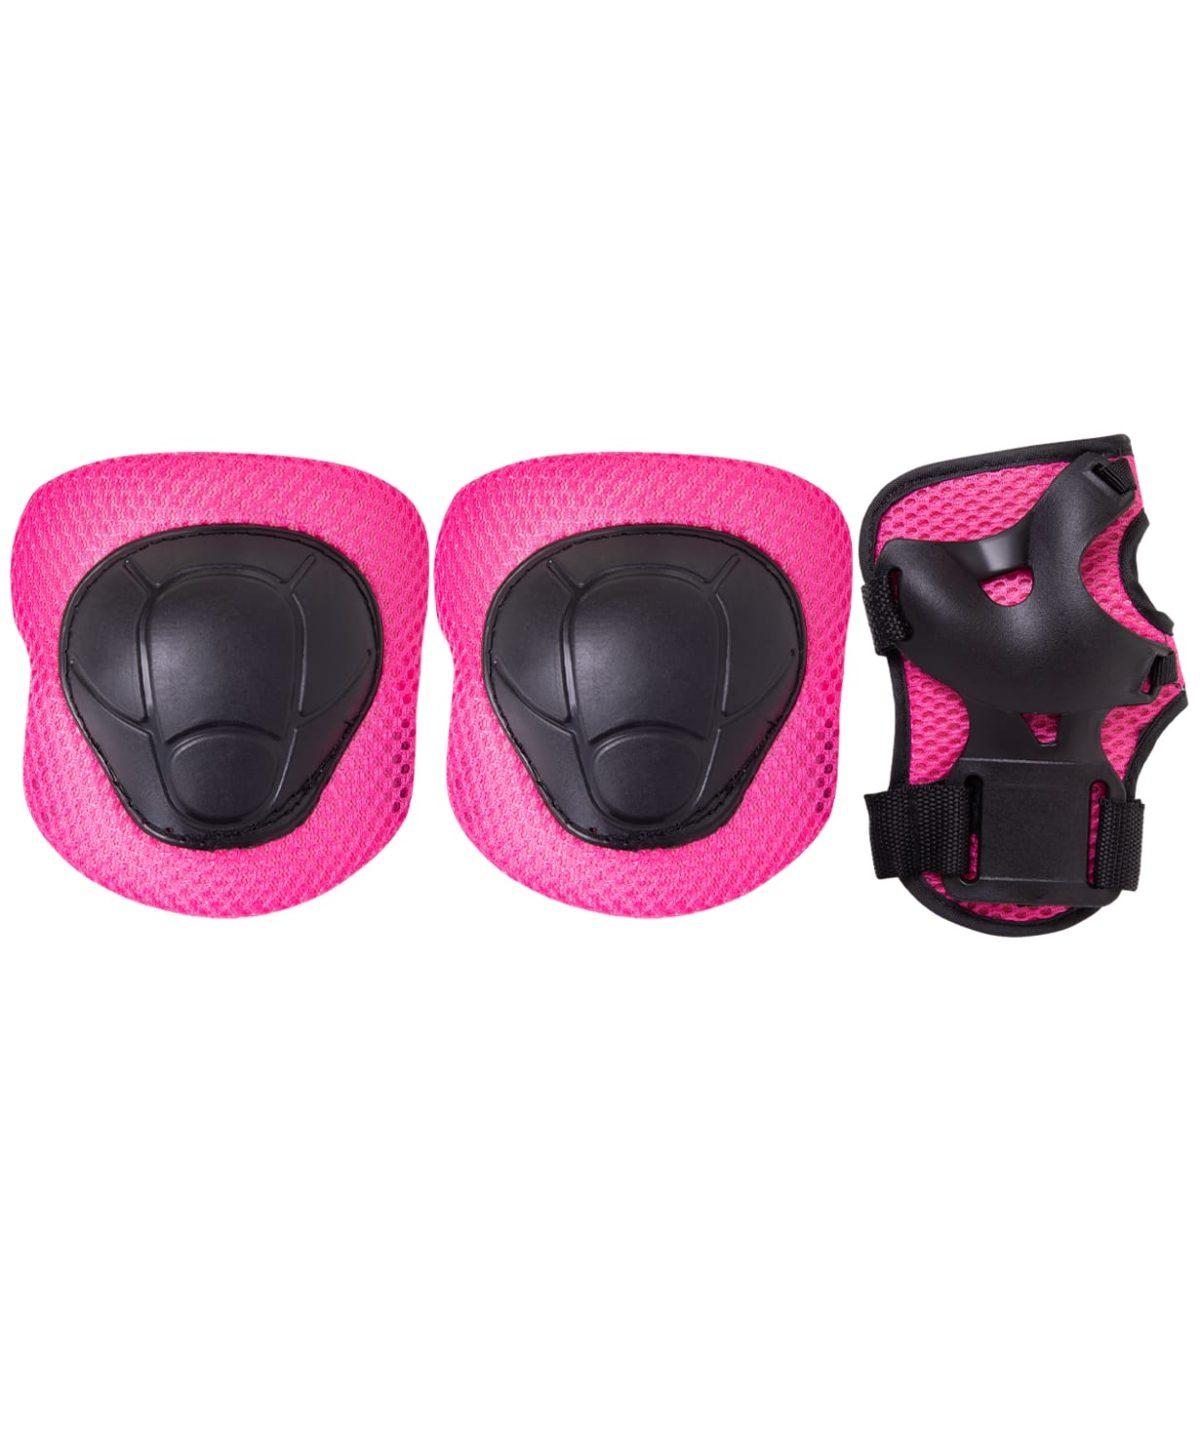 RIDEX Комплект защиты  Zippy : розовый - 2